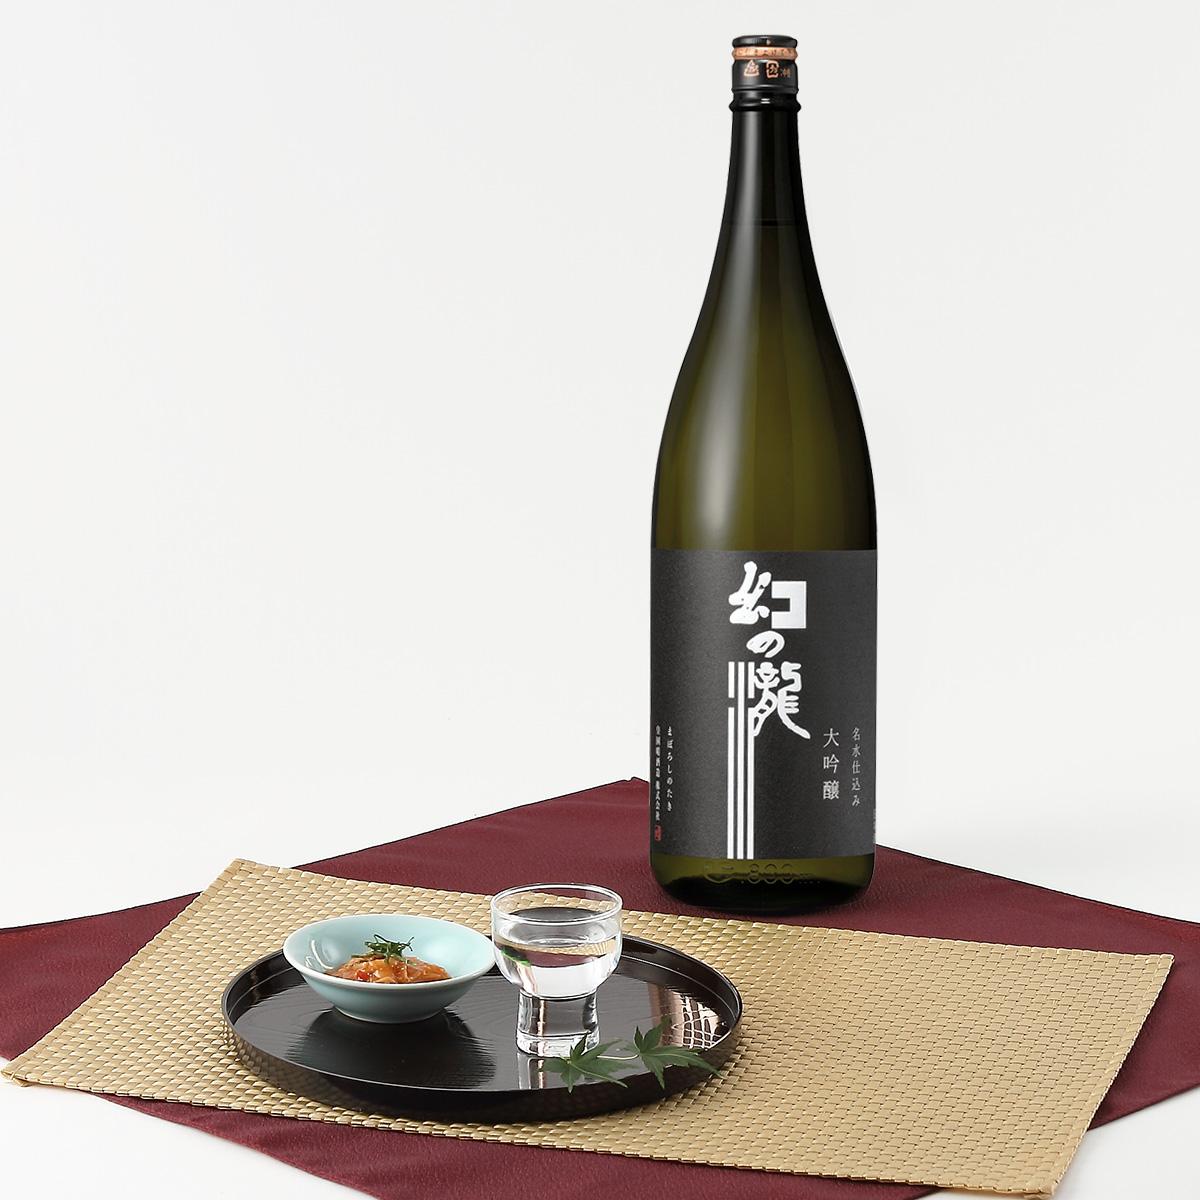 職人・桑原敏明の技による名酒 幻の瀧 大吟醸